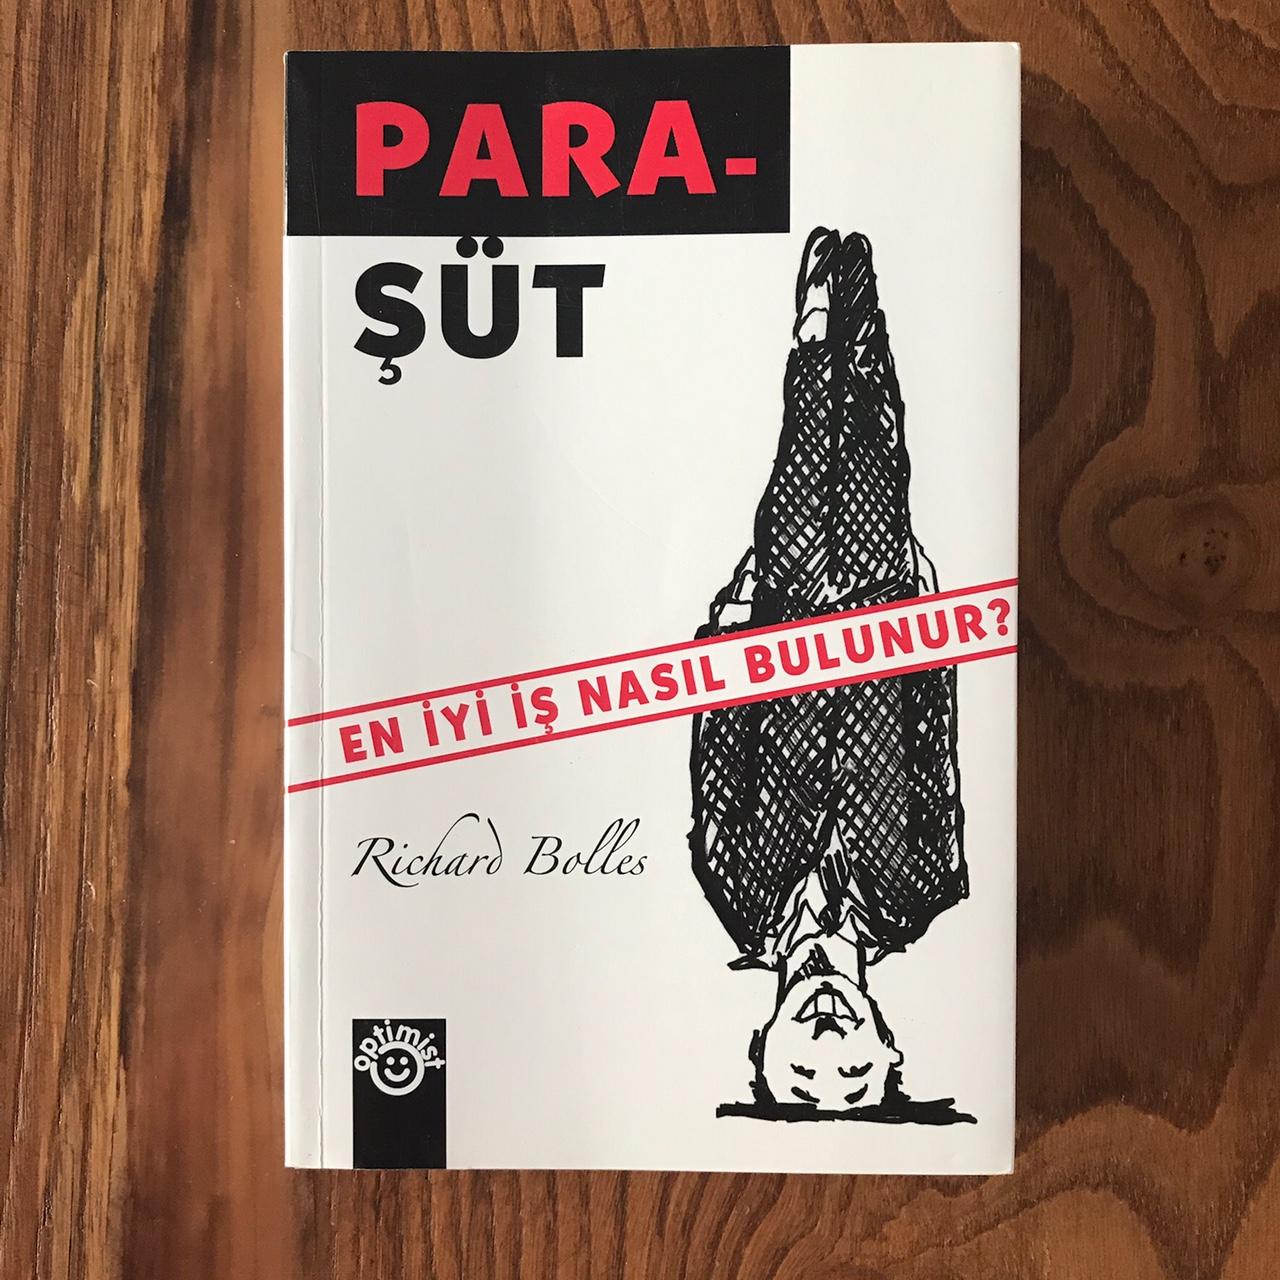 Parasut (En Iyi Is Nasil Bulunur?) (Kitap)